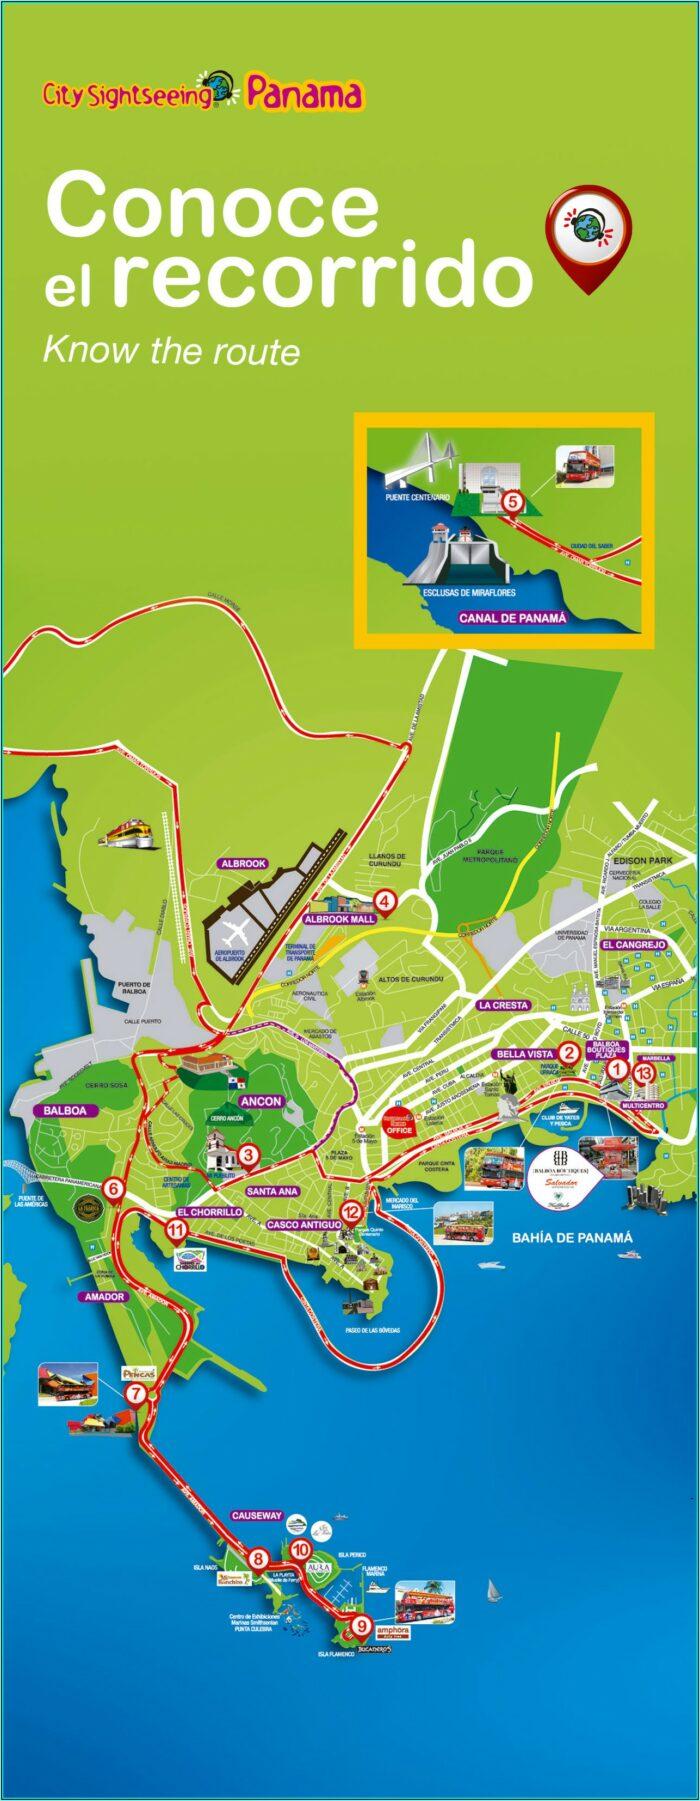 Rome Hop On Hop Off Bus Tour Route Map